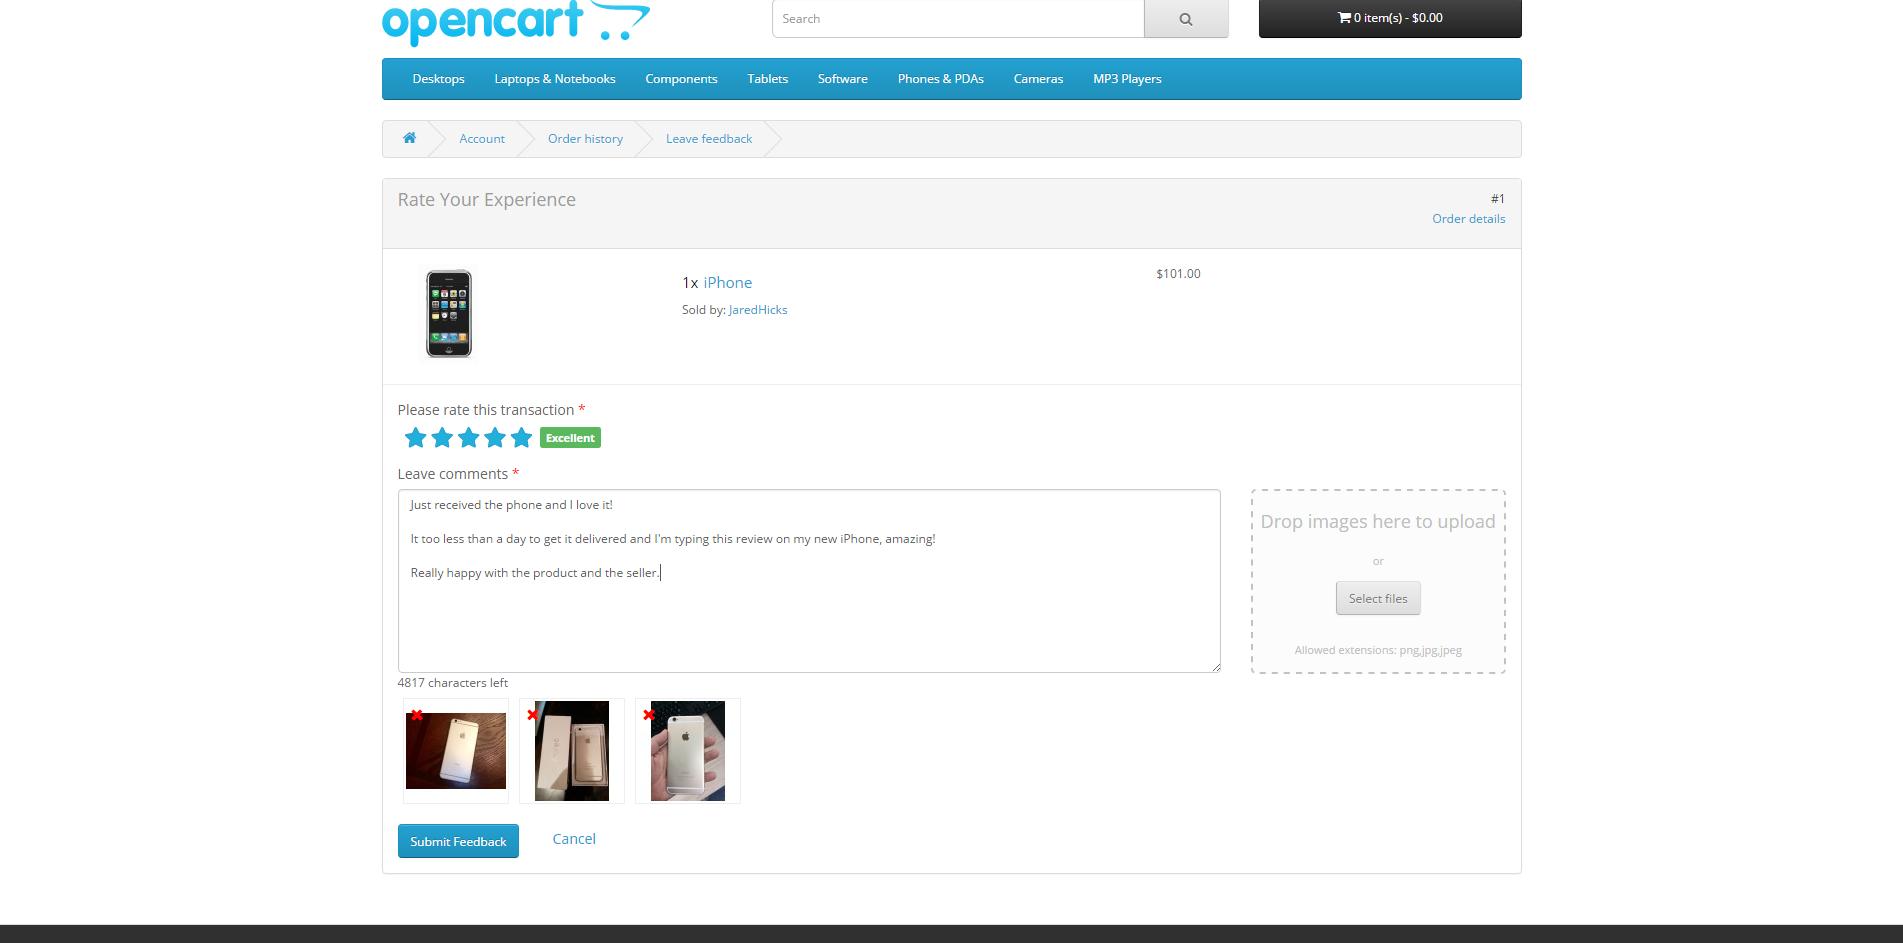 MultiMerch Marketplace Professional - мультивендорная платформа для продавцов v8.9 для OpenCart и ocStore изображение №9